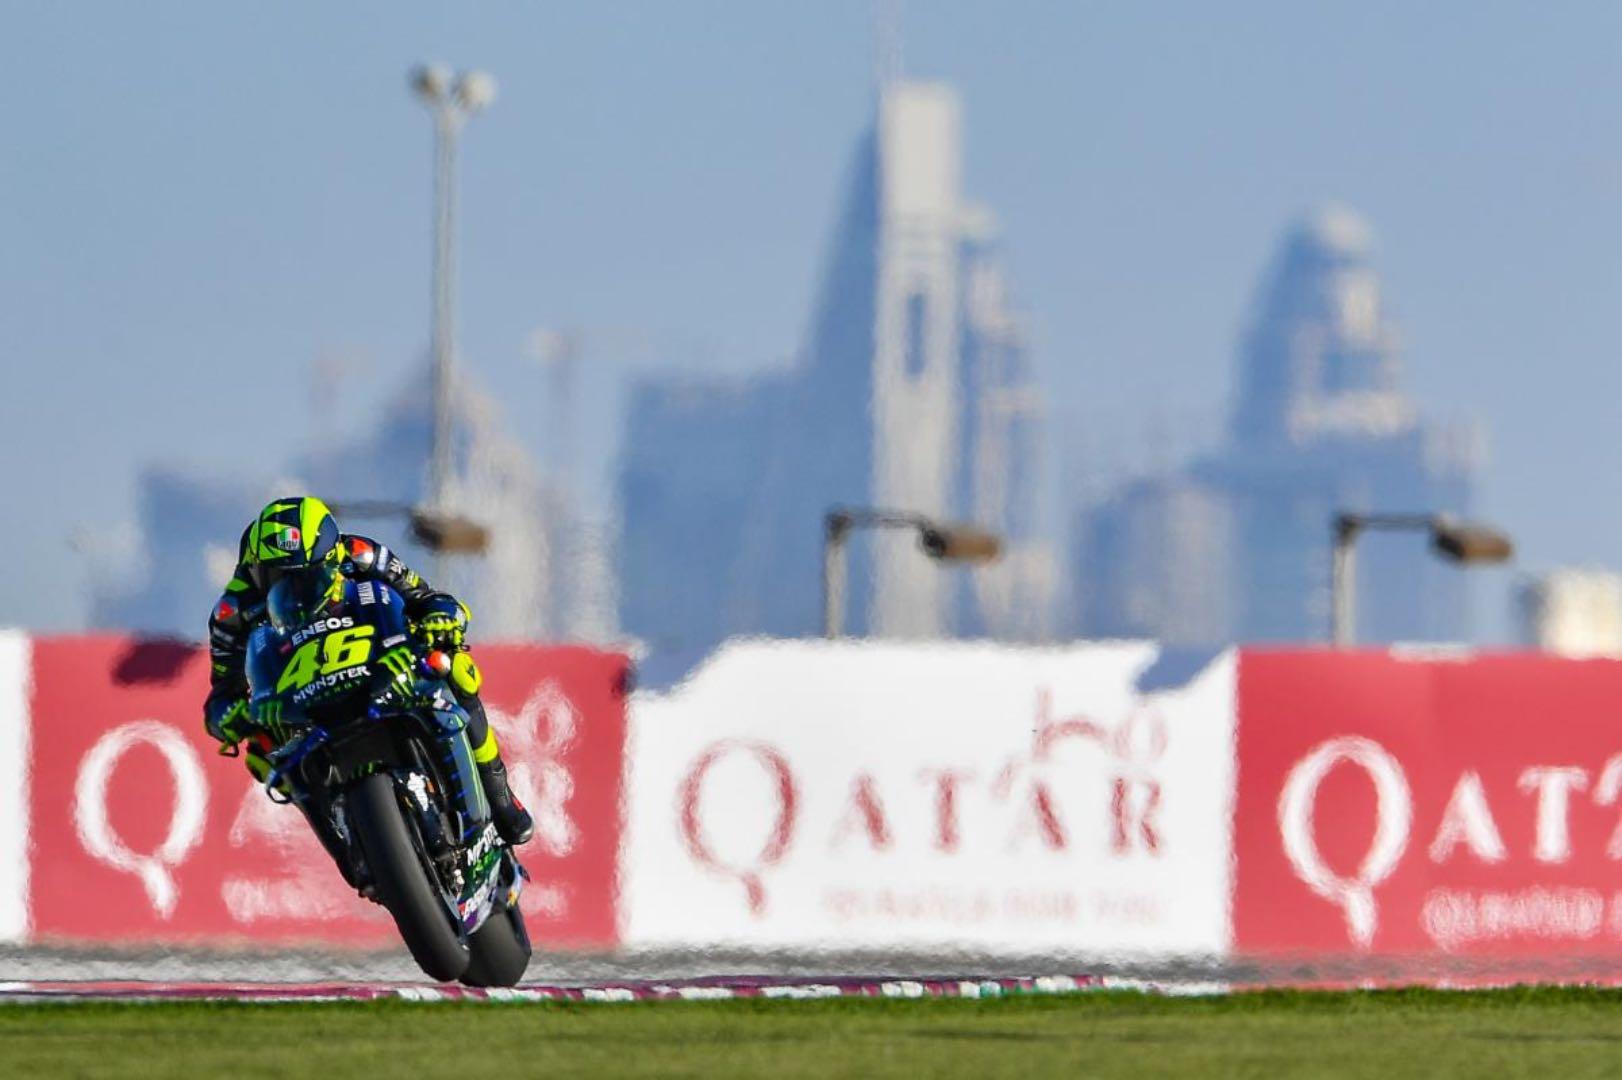 2019 Qatar MotoGP Friday Practice: Valentino Rossi